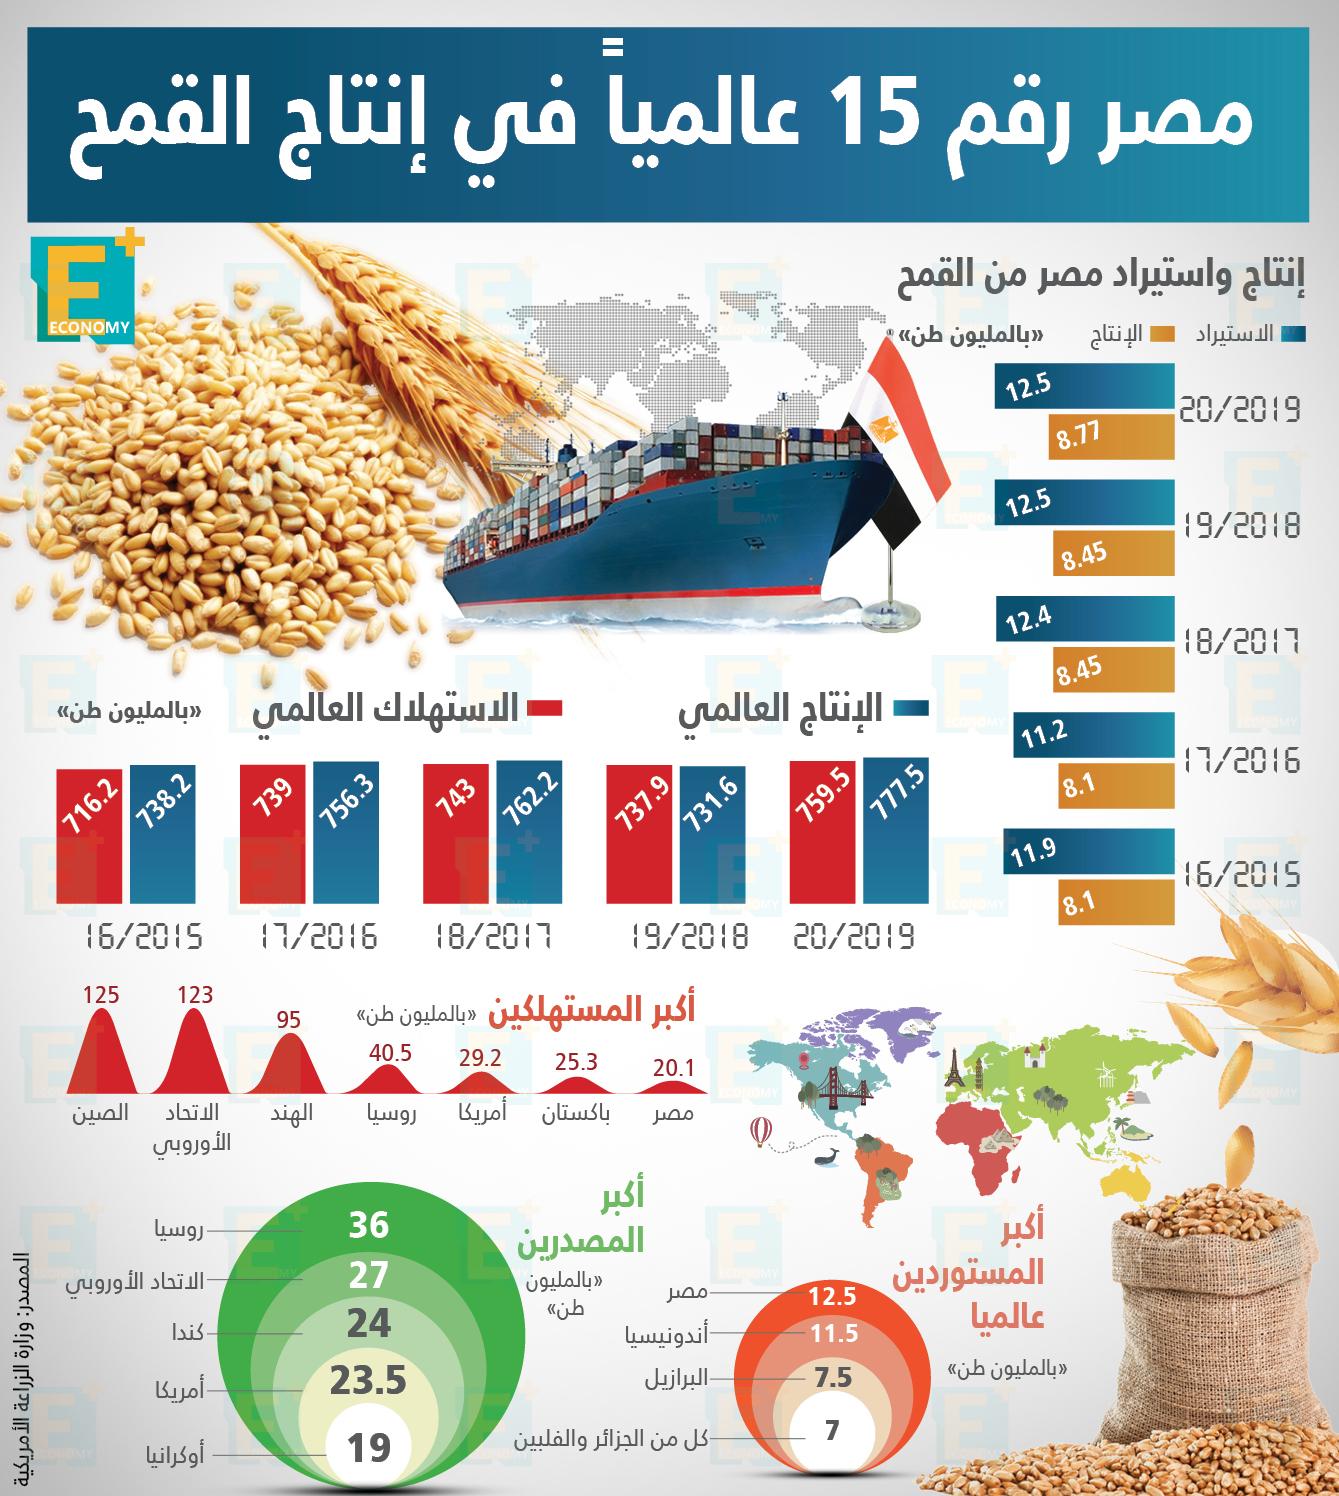 """مصر رقم 15 عالمياً في إنتاج القمح """"إنفوجراف"""""""